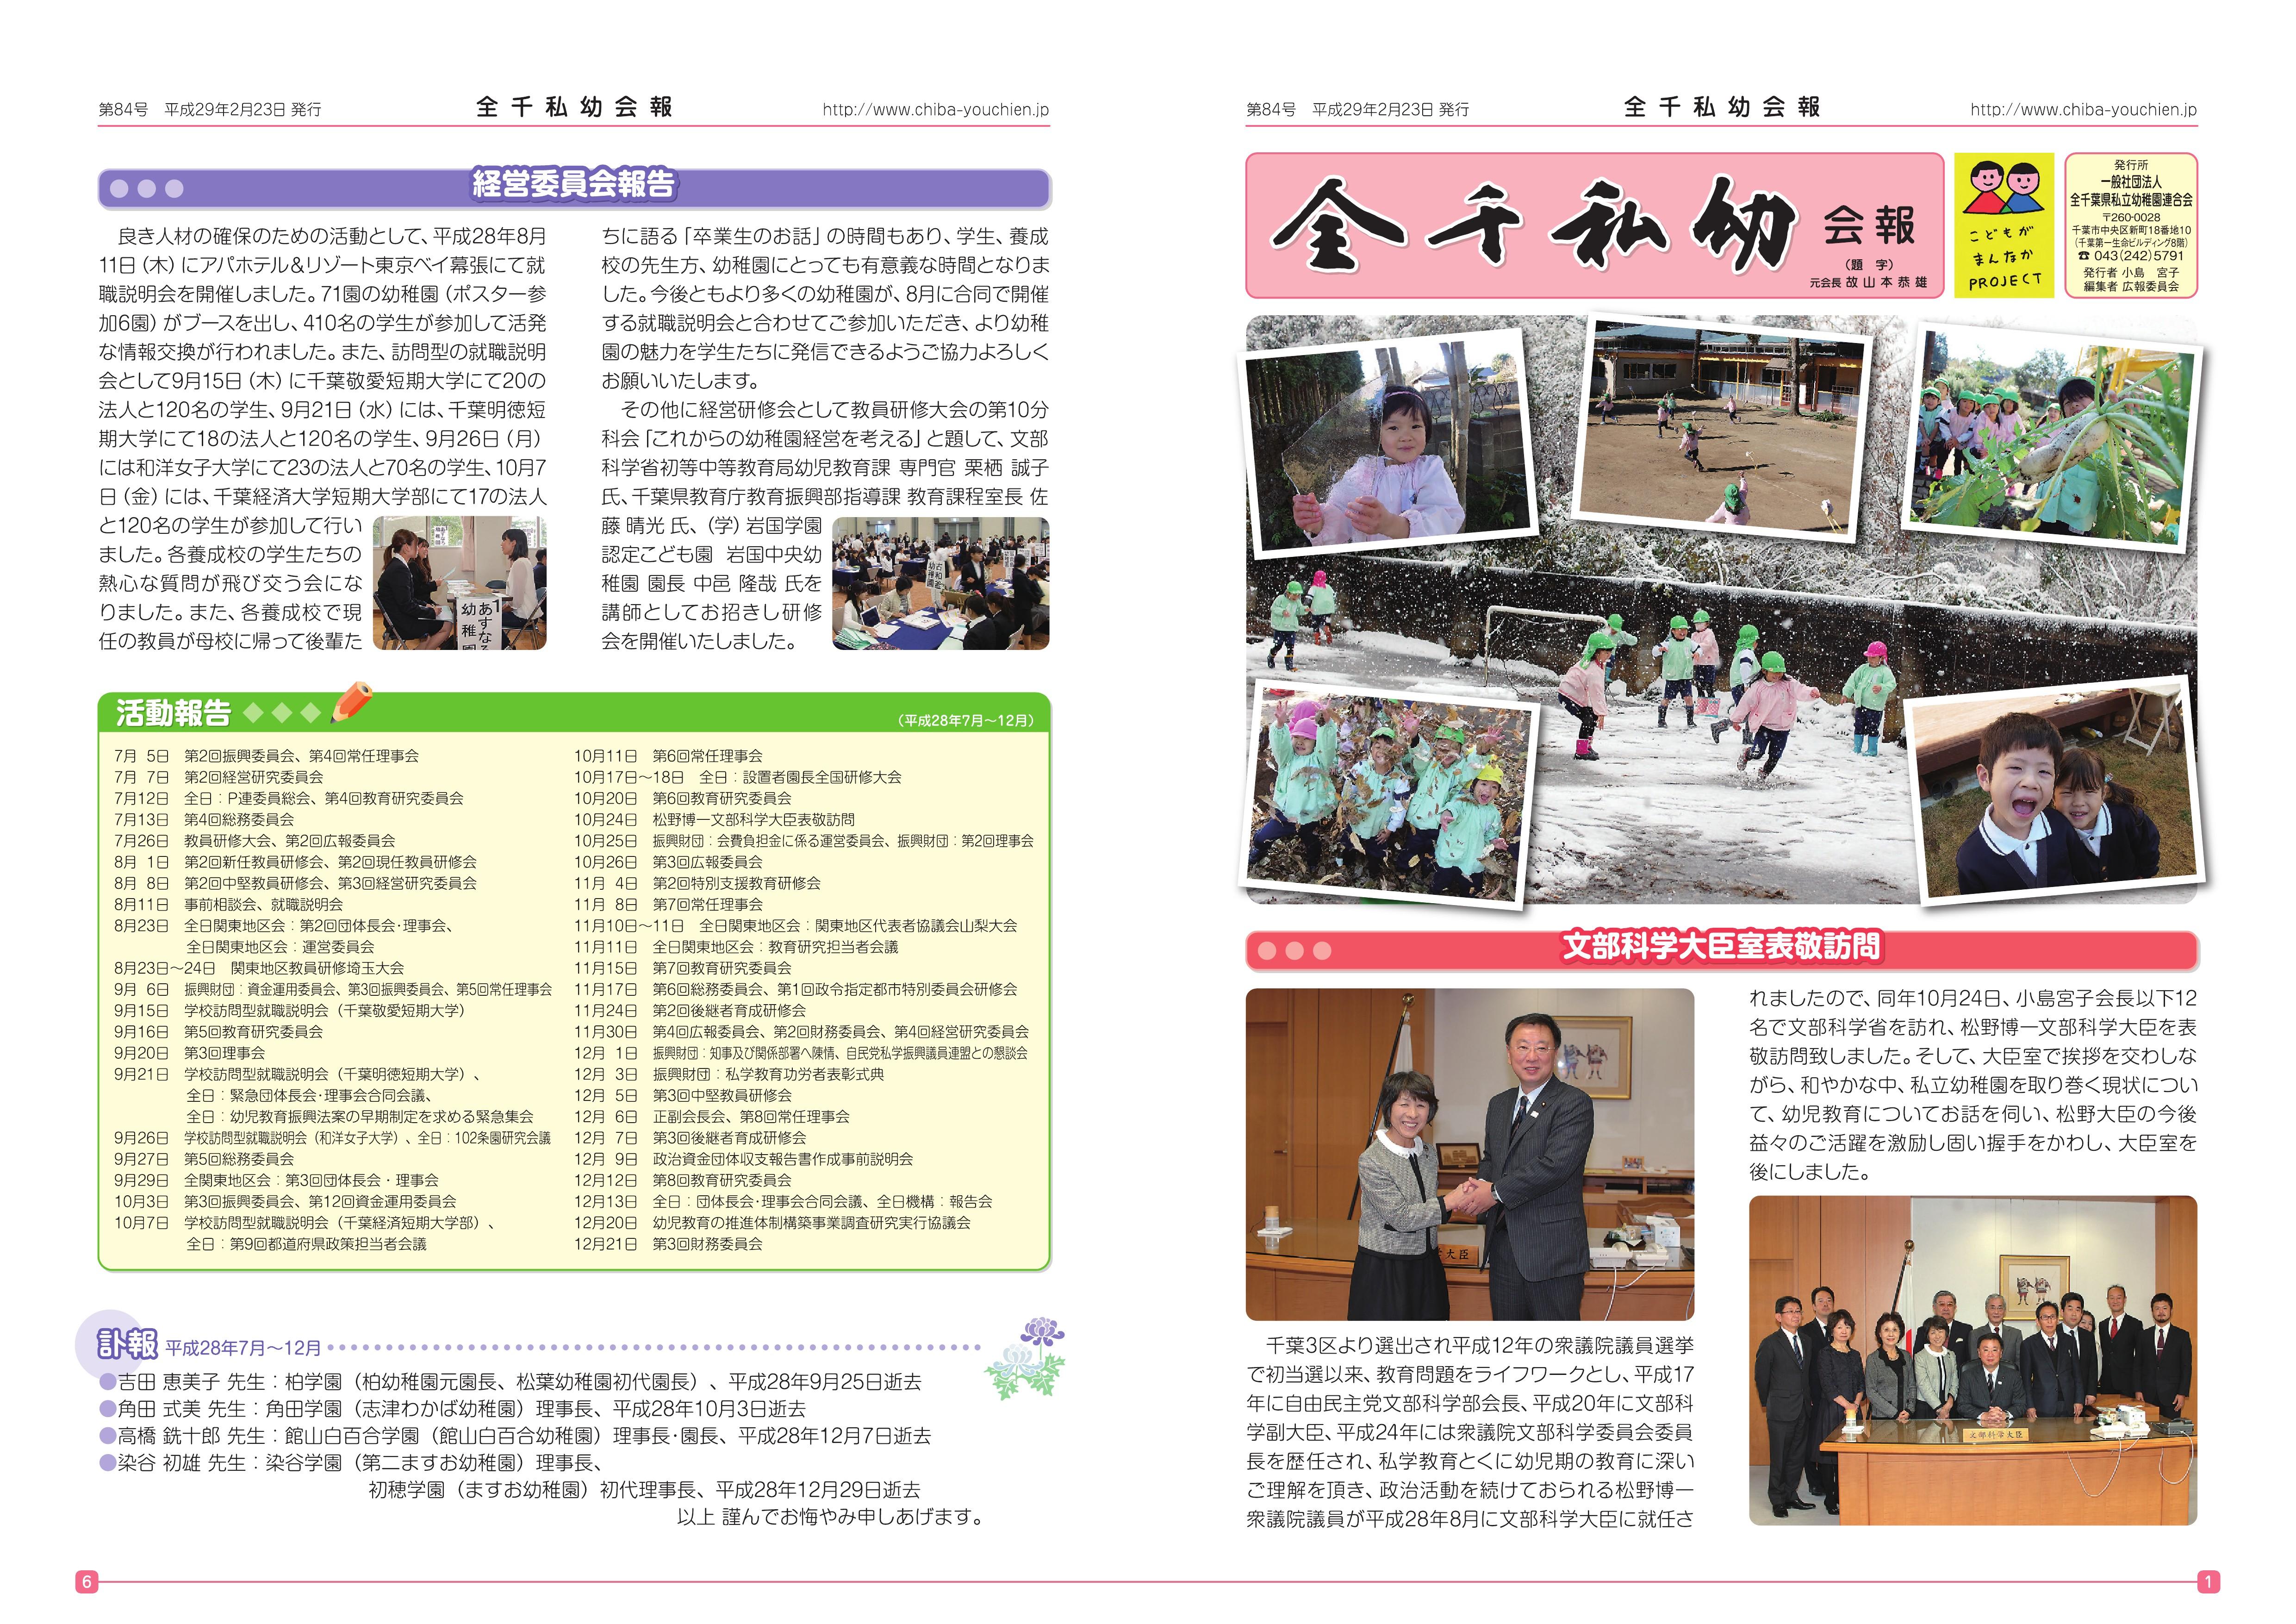 http://www.chiba-youchien.jp/news/84%E5%8F%B7P1%E8%A1%A8%E7%B4%99_P6%E8%A3%8F%E8%A1%A8%E7%B4%99_0313.jpg